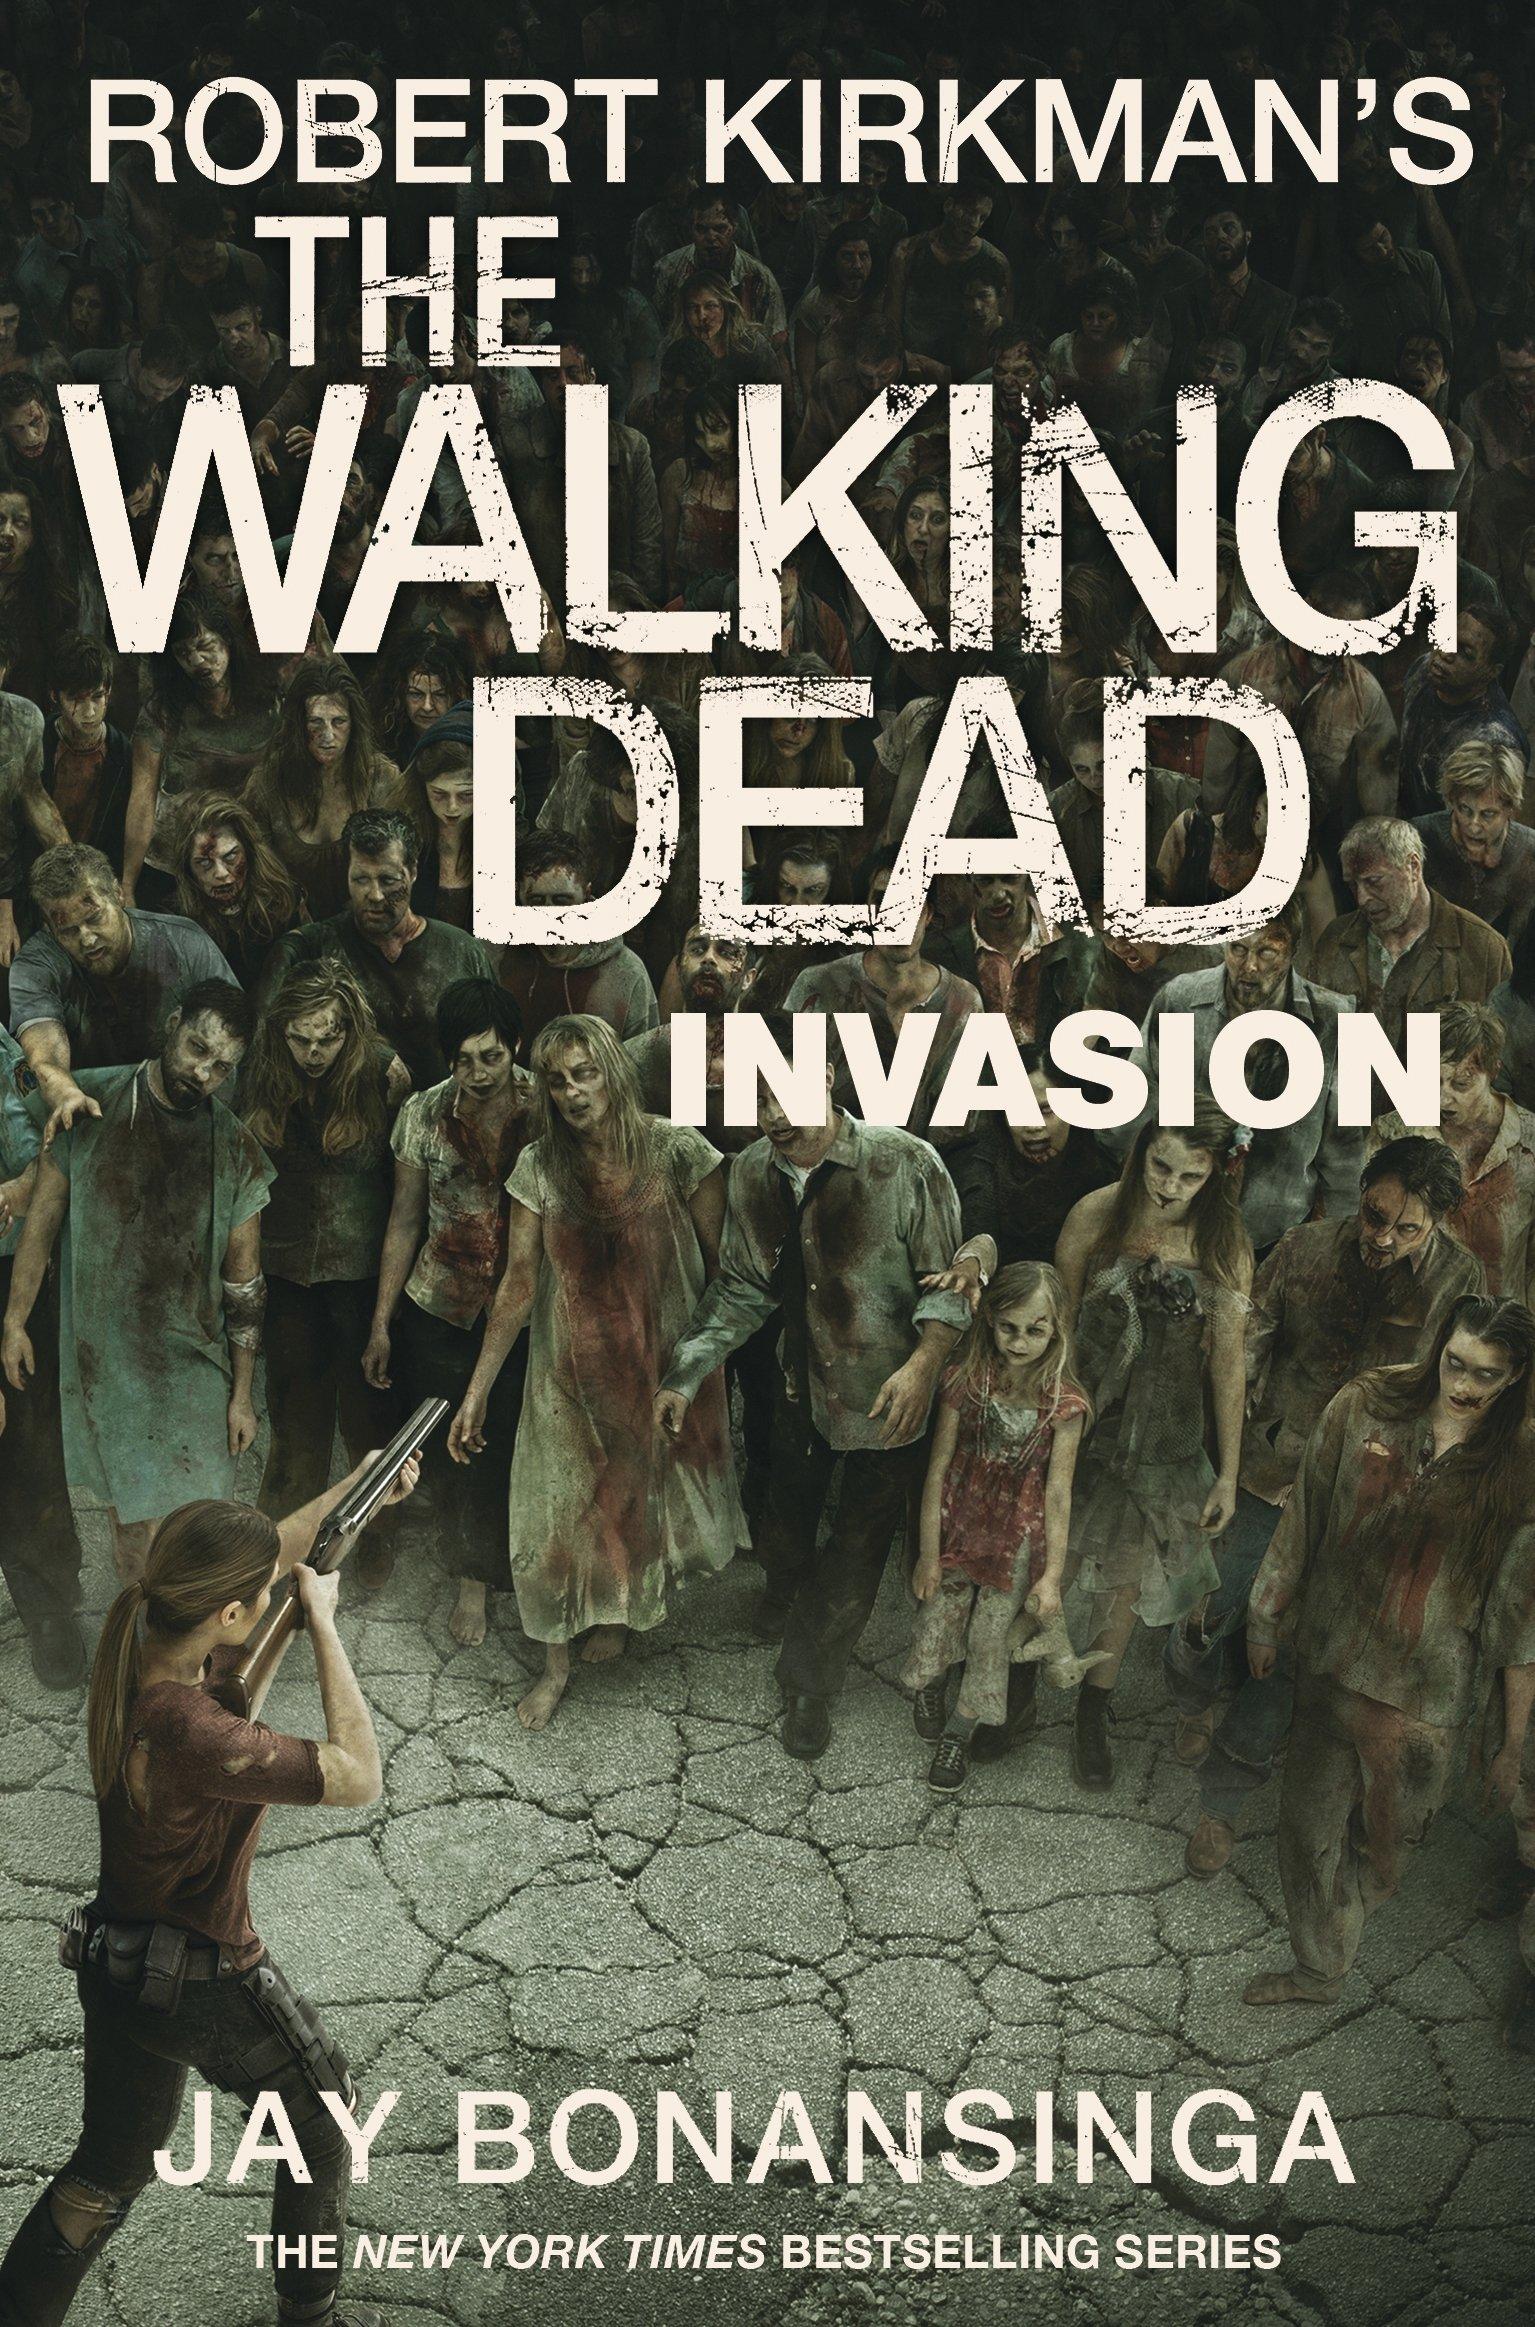 8412e47121089 Invasion (The Walking Dead): Amazon.co.uk: Robert Kirkman, Jay ...